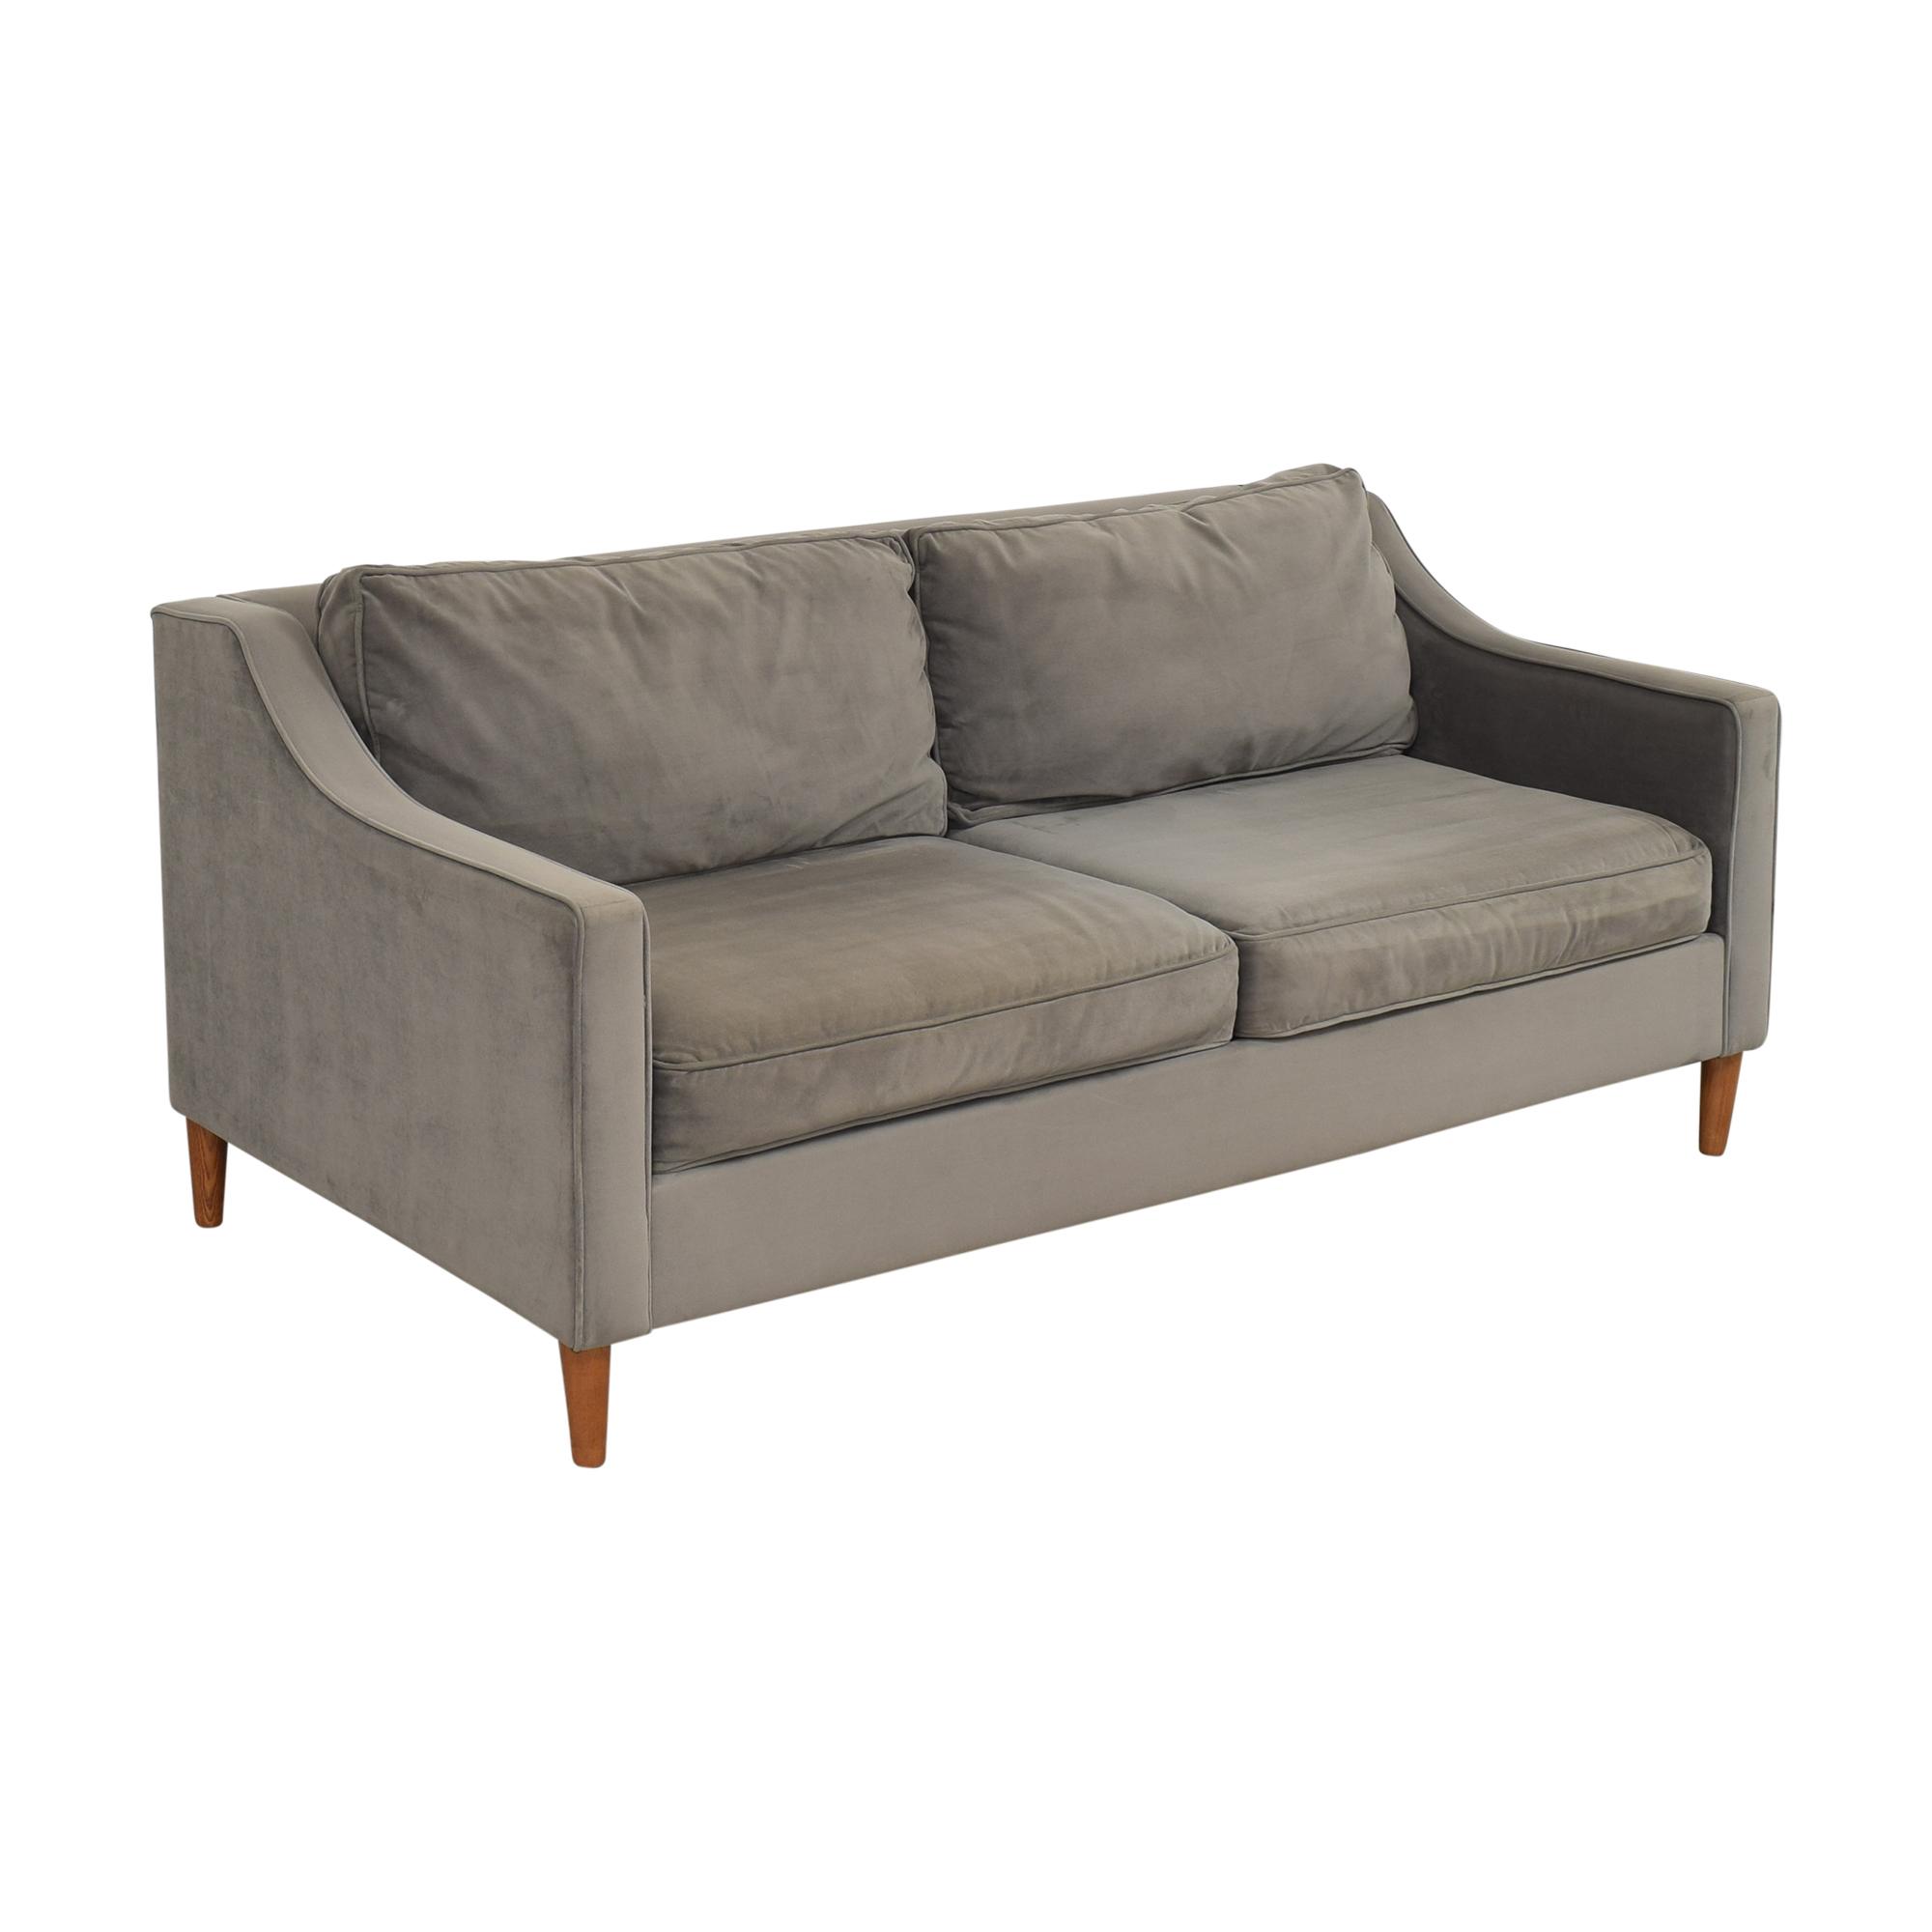 West Elm West Elm Paidge Sofa gray